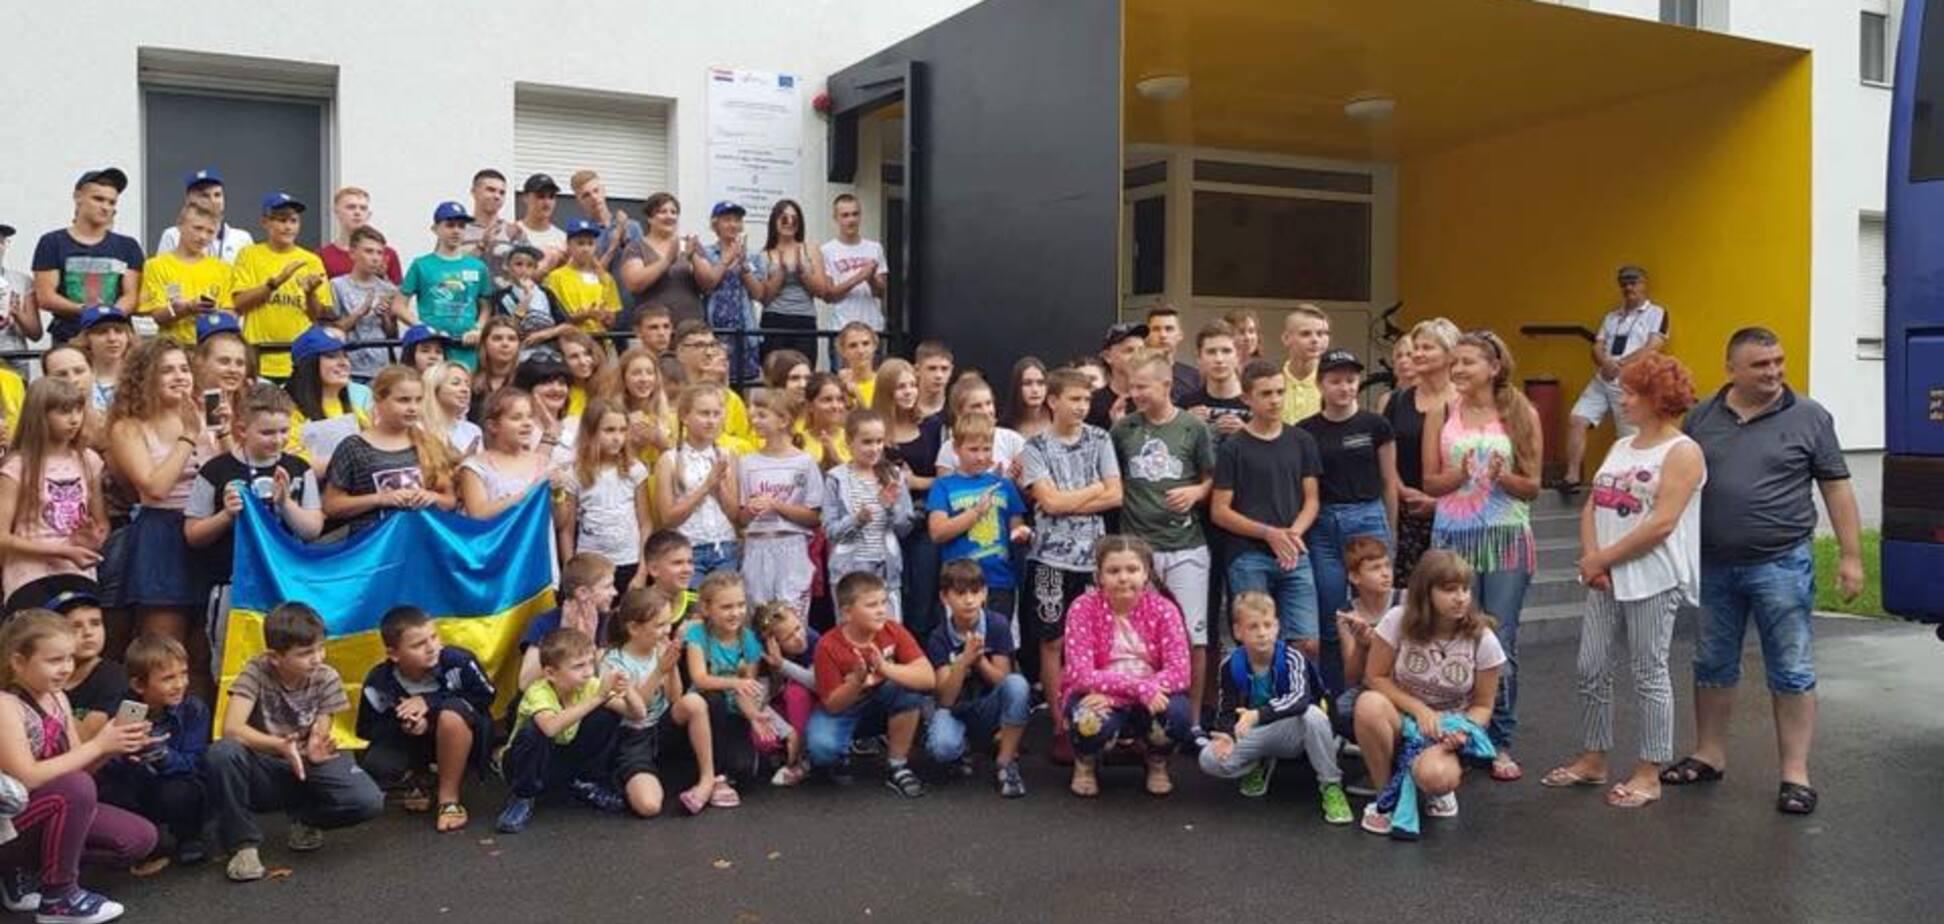 Дітей мажорів відправили на відпочинок в ЄС: Геращенко спростувала 'зраду'